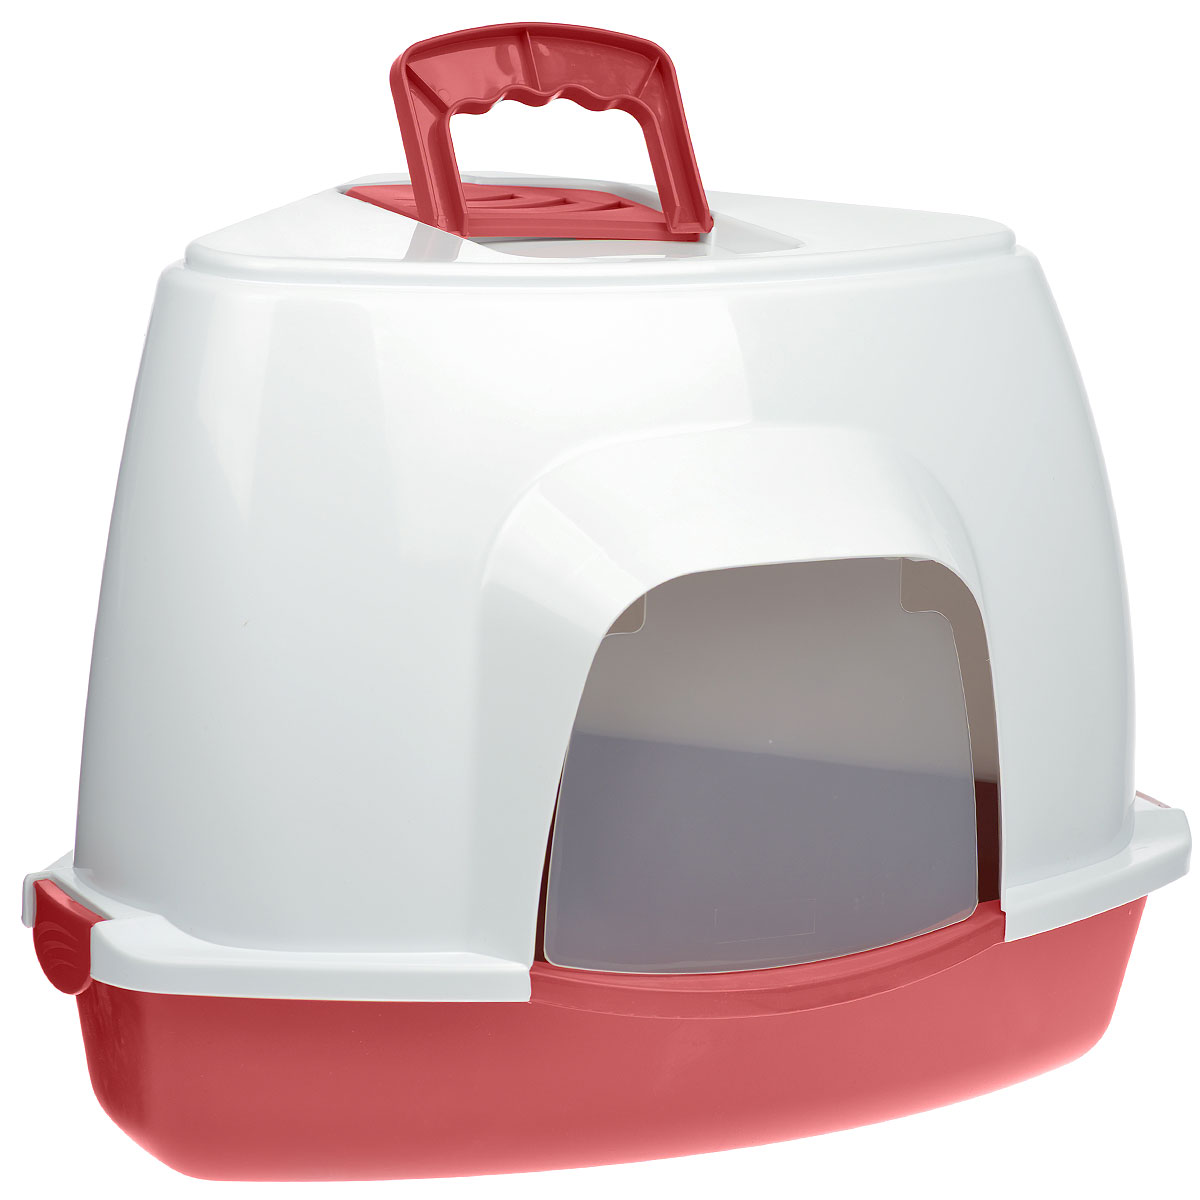 Туалет для кошек Fauna Kitty Luxer, цвет: красный, белый, 38 см х 38 см х 56 см1066100100099Закрытый угловой туалет для кошек Fauna Kitty Luxer выполнен из высококачественного пластика. Туалет довольно вместительный и напоминает домик. Он оснащен прозрачной открывающейся дверцей, сменным угольным фильтром и удобной ручкой для переноски. Такой туалет избавит ваш дом от неприятного запаха и разбросанных повсюду частичек наполнителя. Кошка в таком туалете будет чувствовать себя увереннее, ведь в этом укромном уголке ее никто не увидит. Кроме того, яркий дизайн с легкостью впишется в интерьер вашего дома. Туалет легко открывается для чистки благодаря практичным защелкам по бокам.